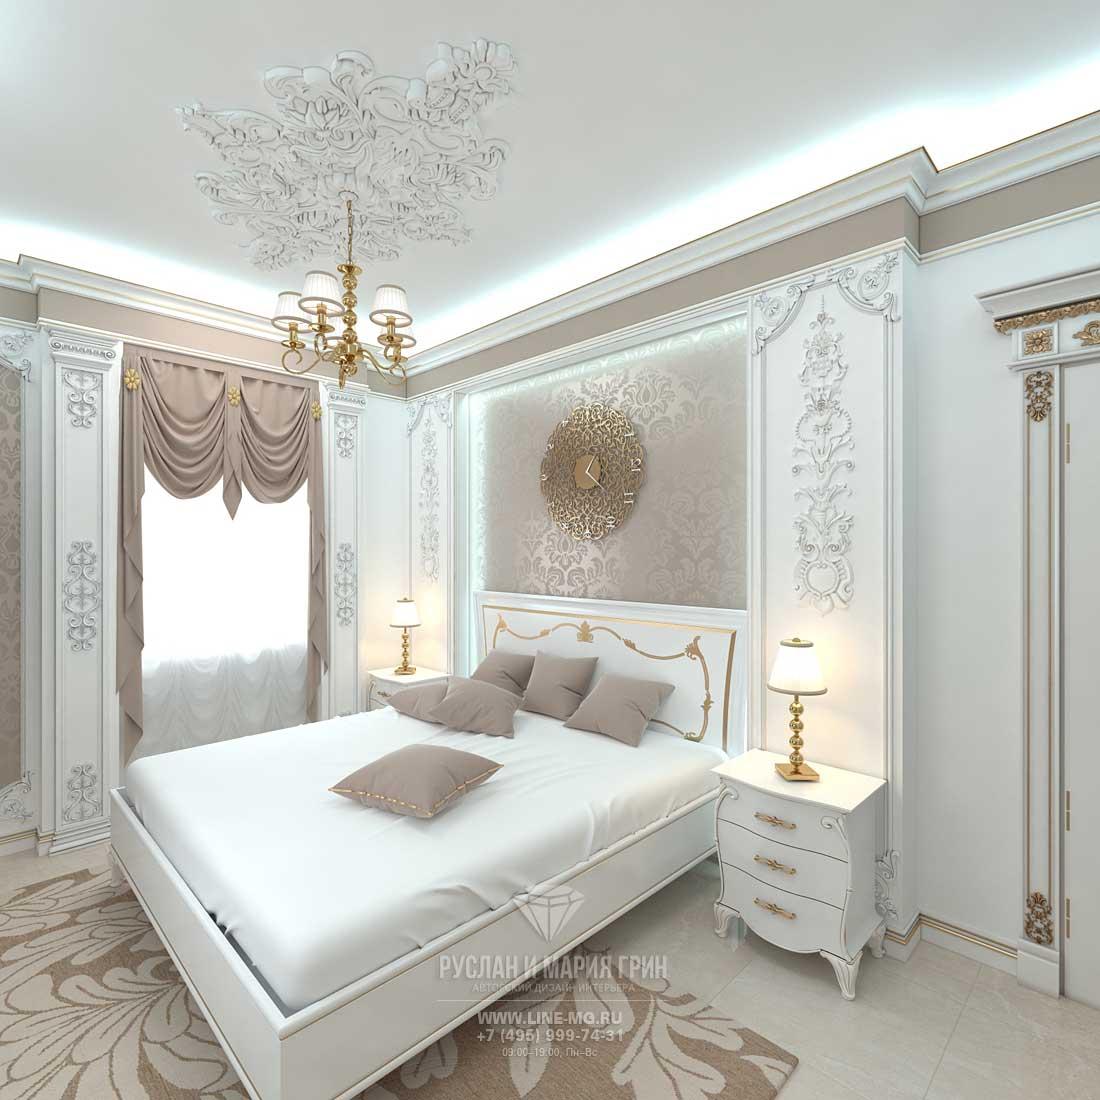 Отделка стен в комнатах современный дизайн